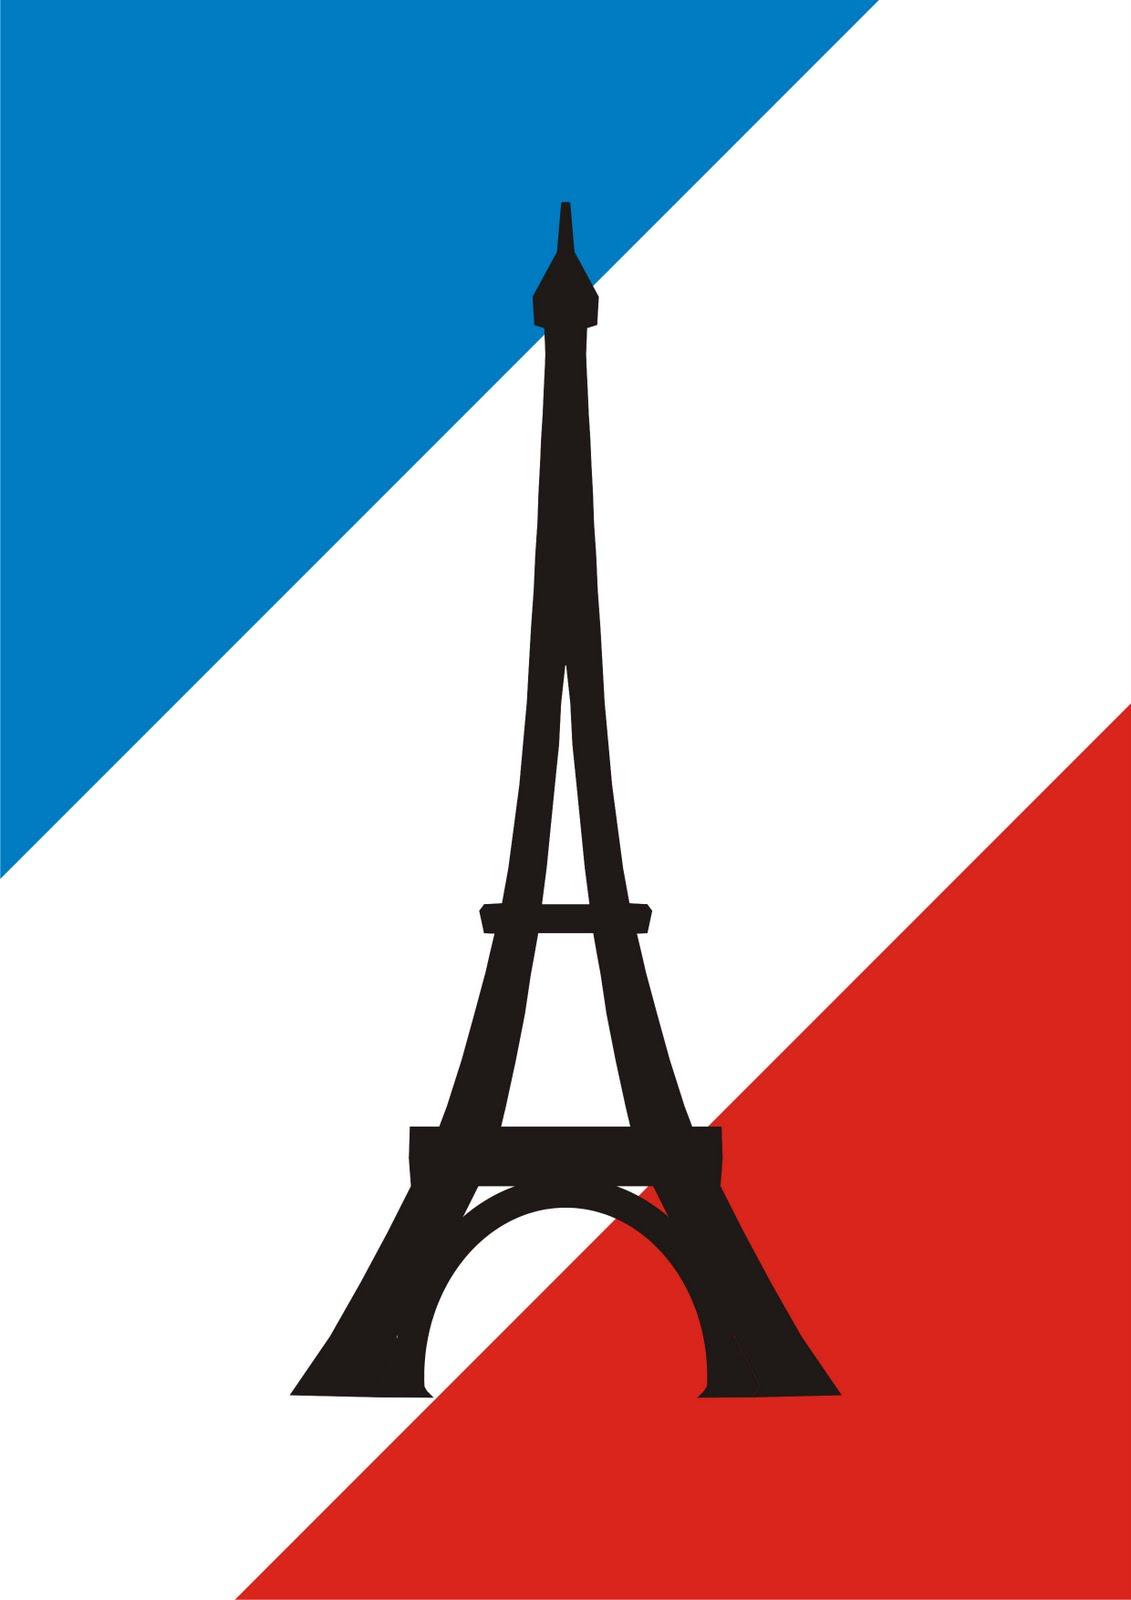 Frases En Francés Relacionadas Con Felicidad éxito Y Suerte